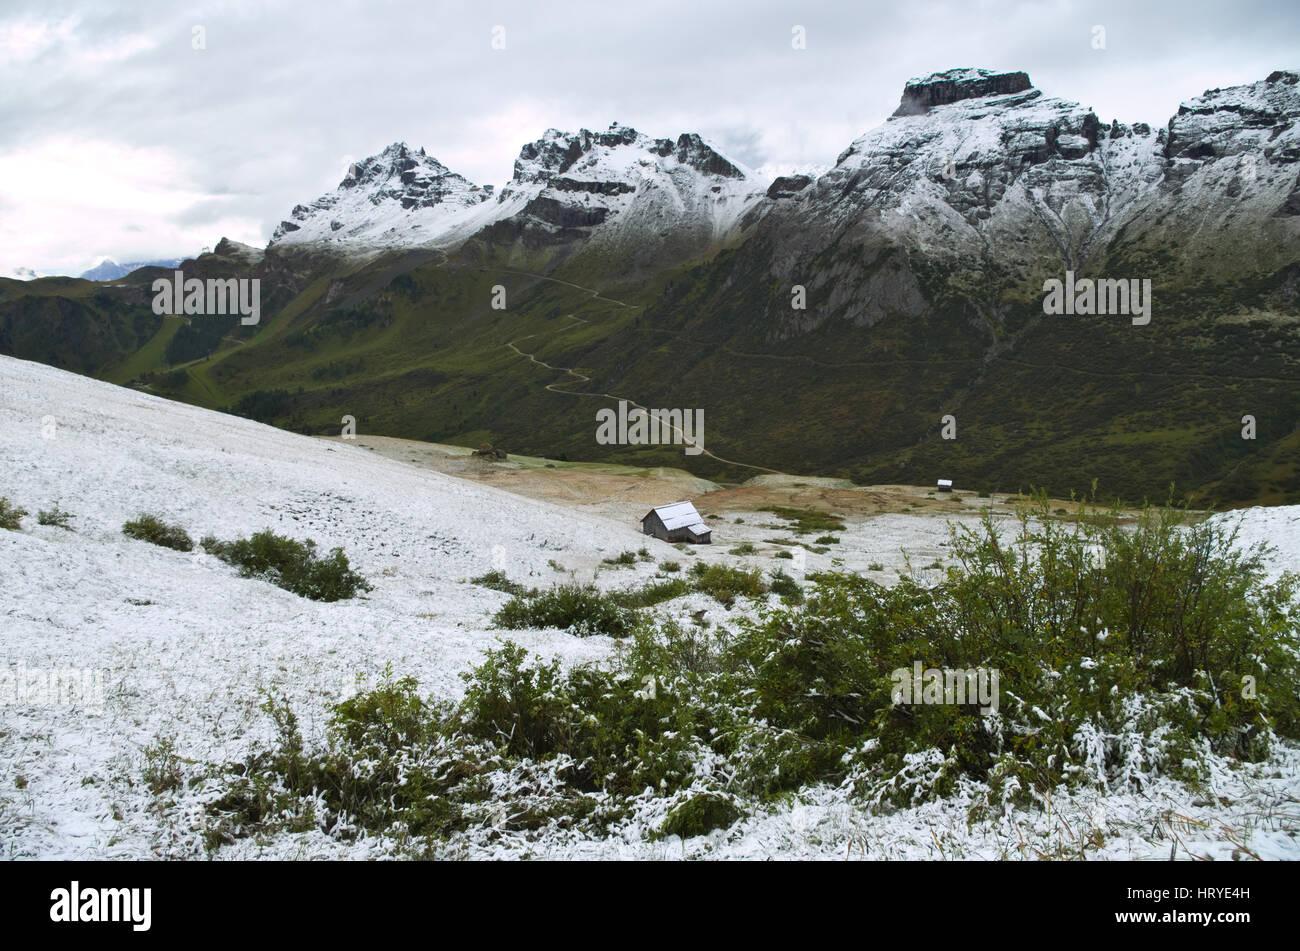 Passo Pordoi: first snow of the season on the Dolomiti mountains, Italy Stock Photo